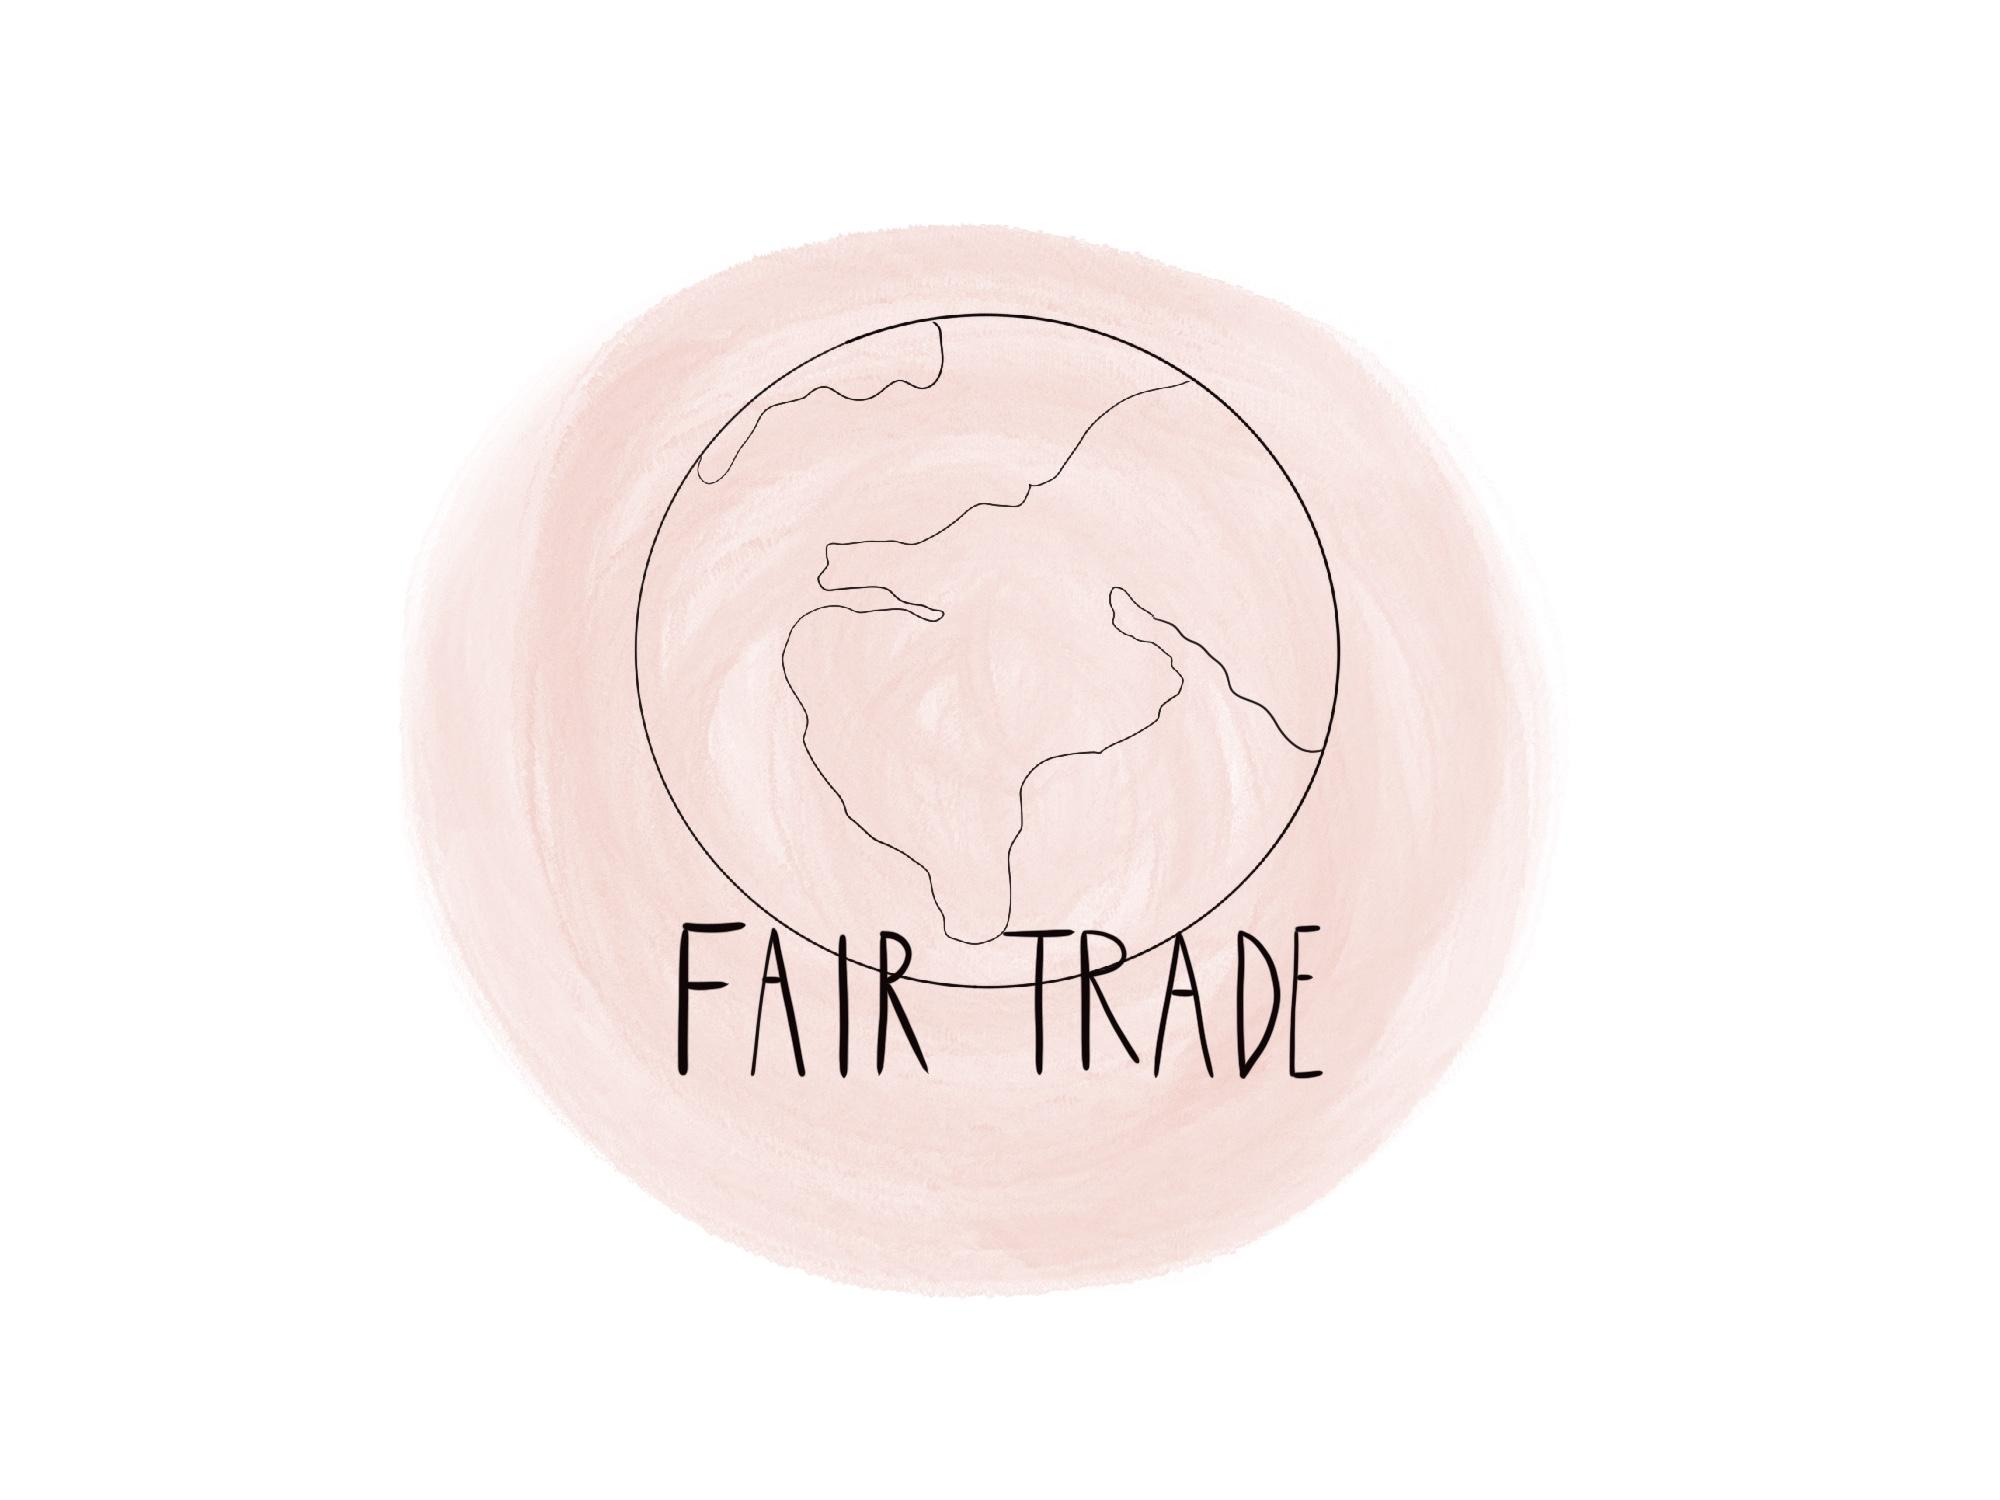 #fair trade